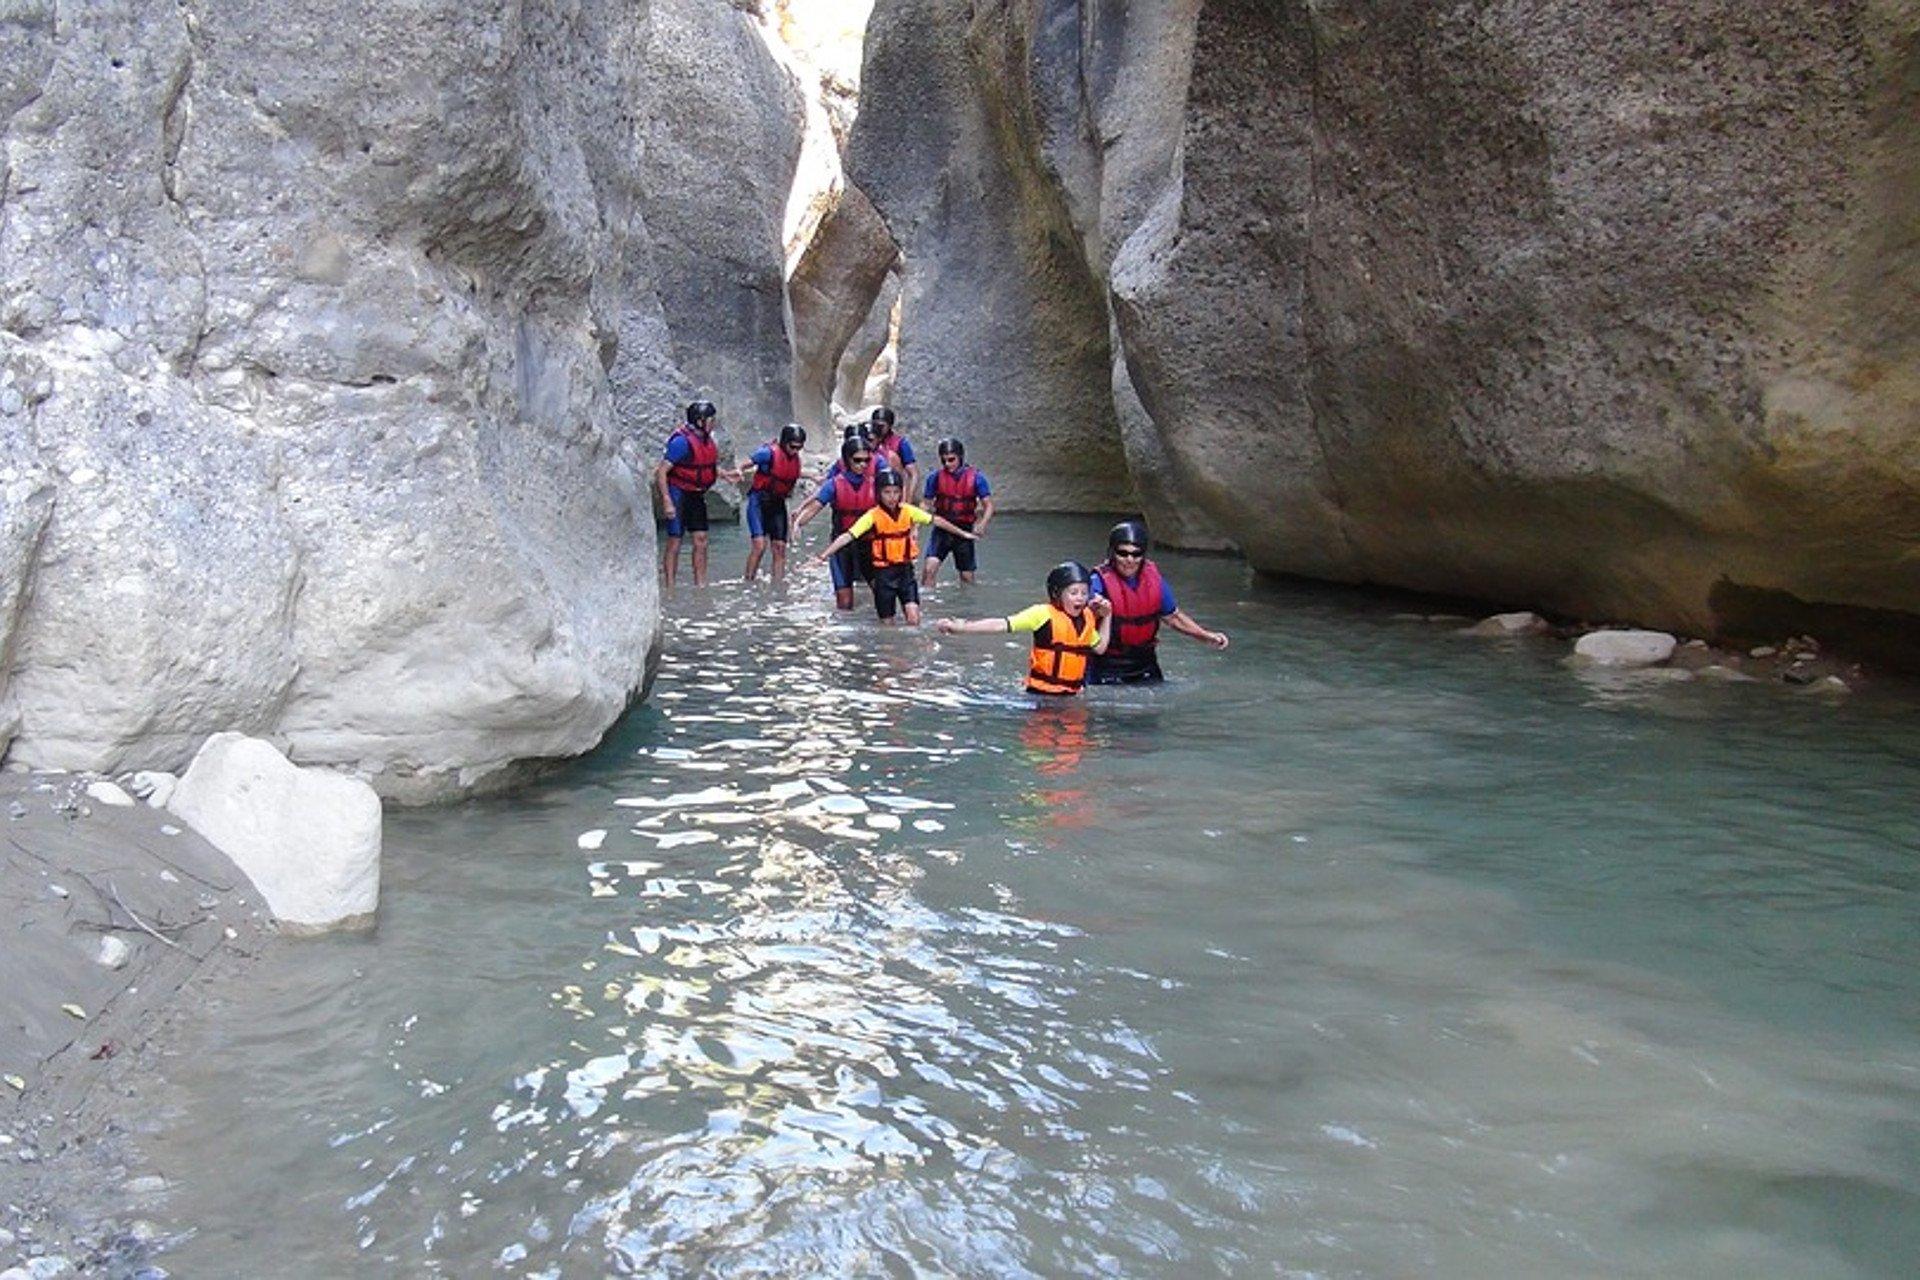 un groupe de canyonistes marchant dans une riviere